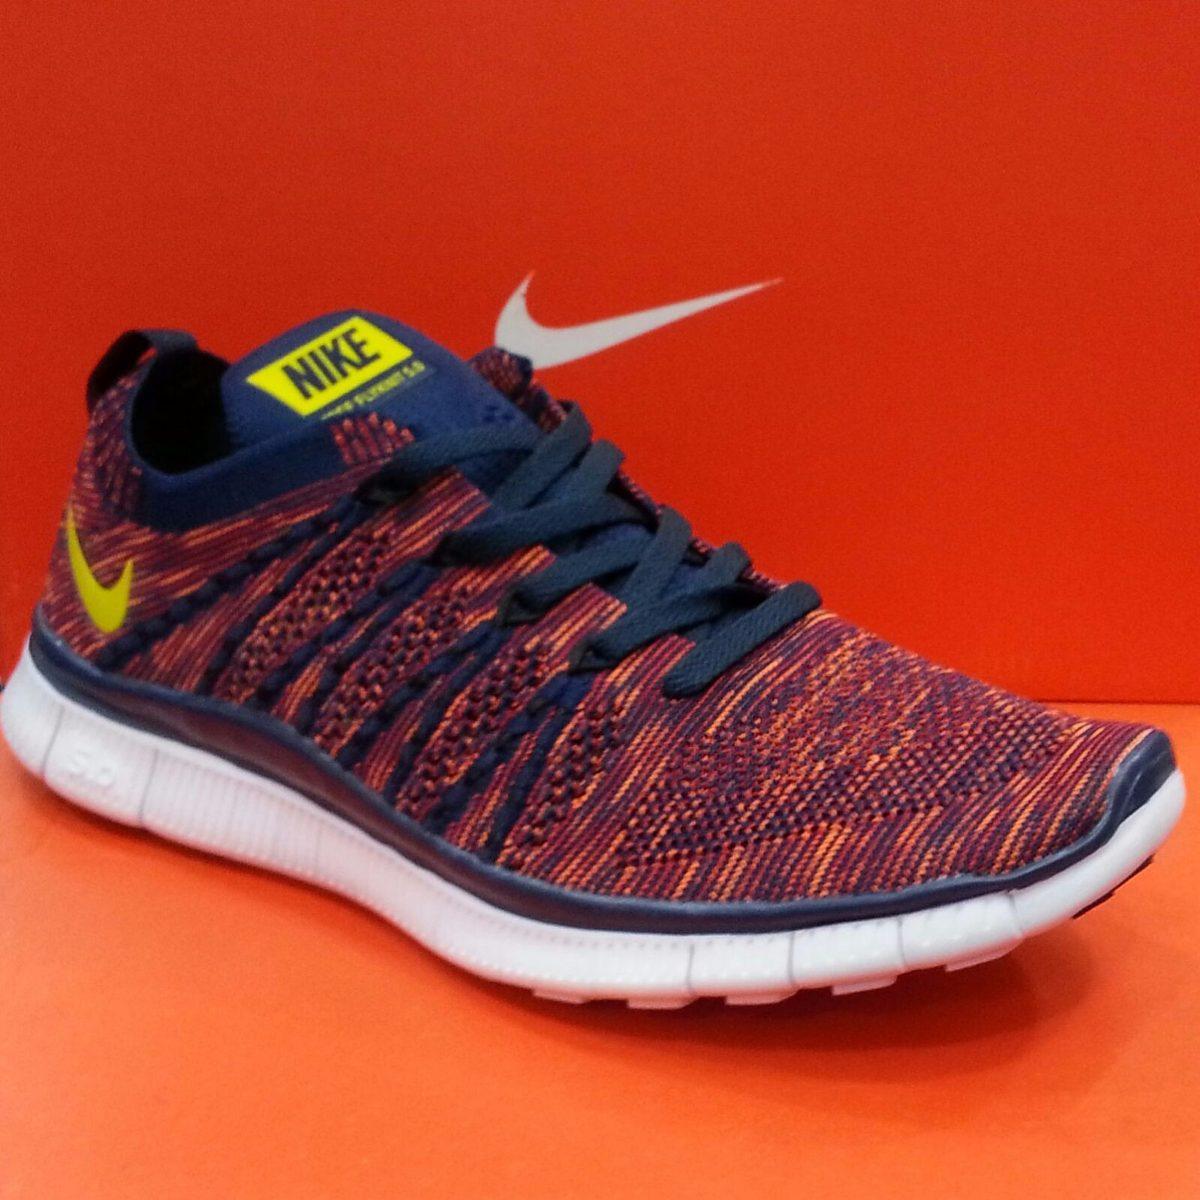 En Mercado Bs Zapatos Flyknit Free 0 60 1 Nike Libre 5 naz8Xx4a